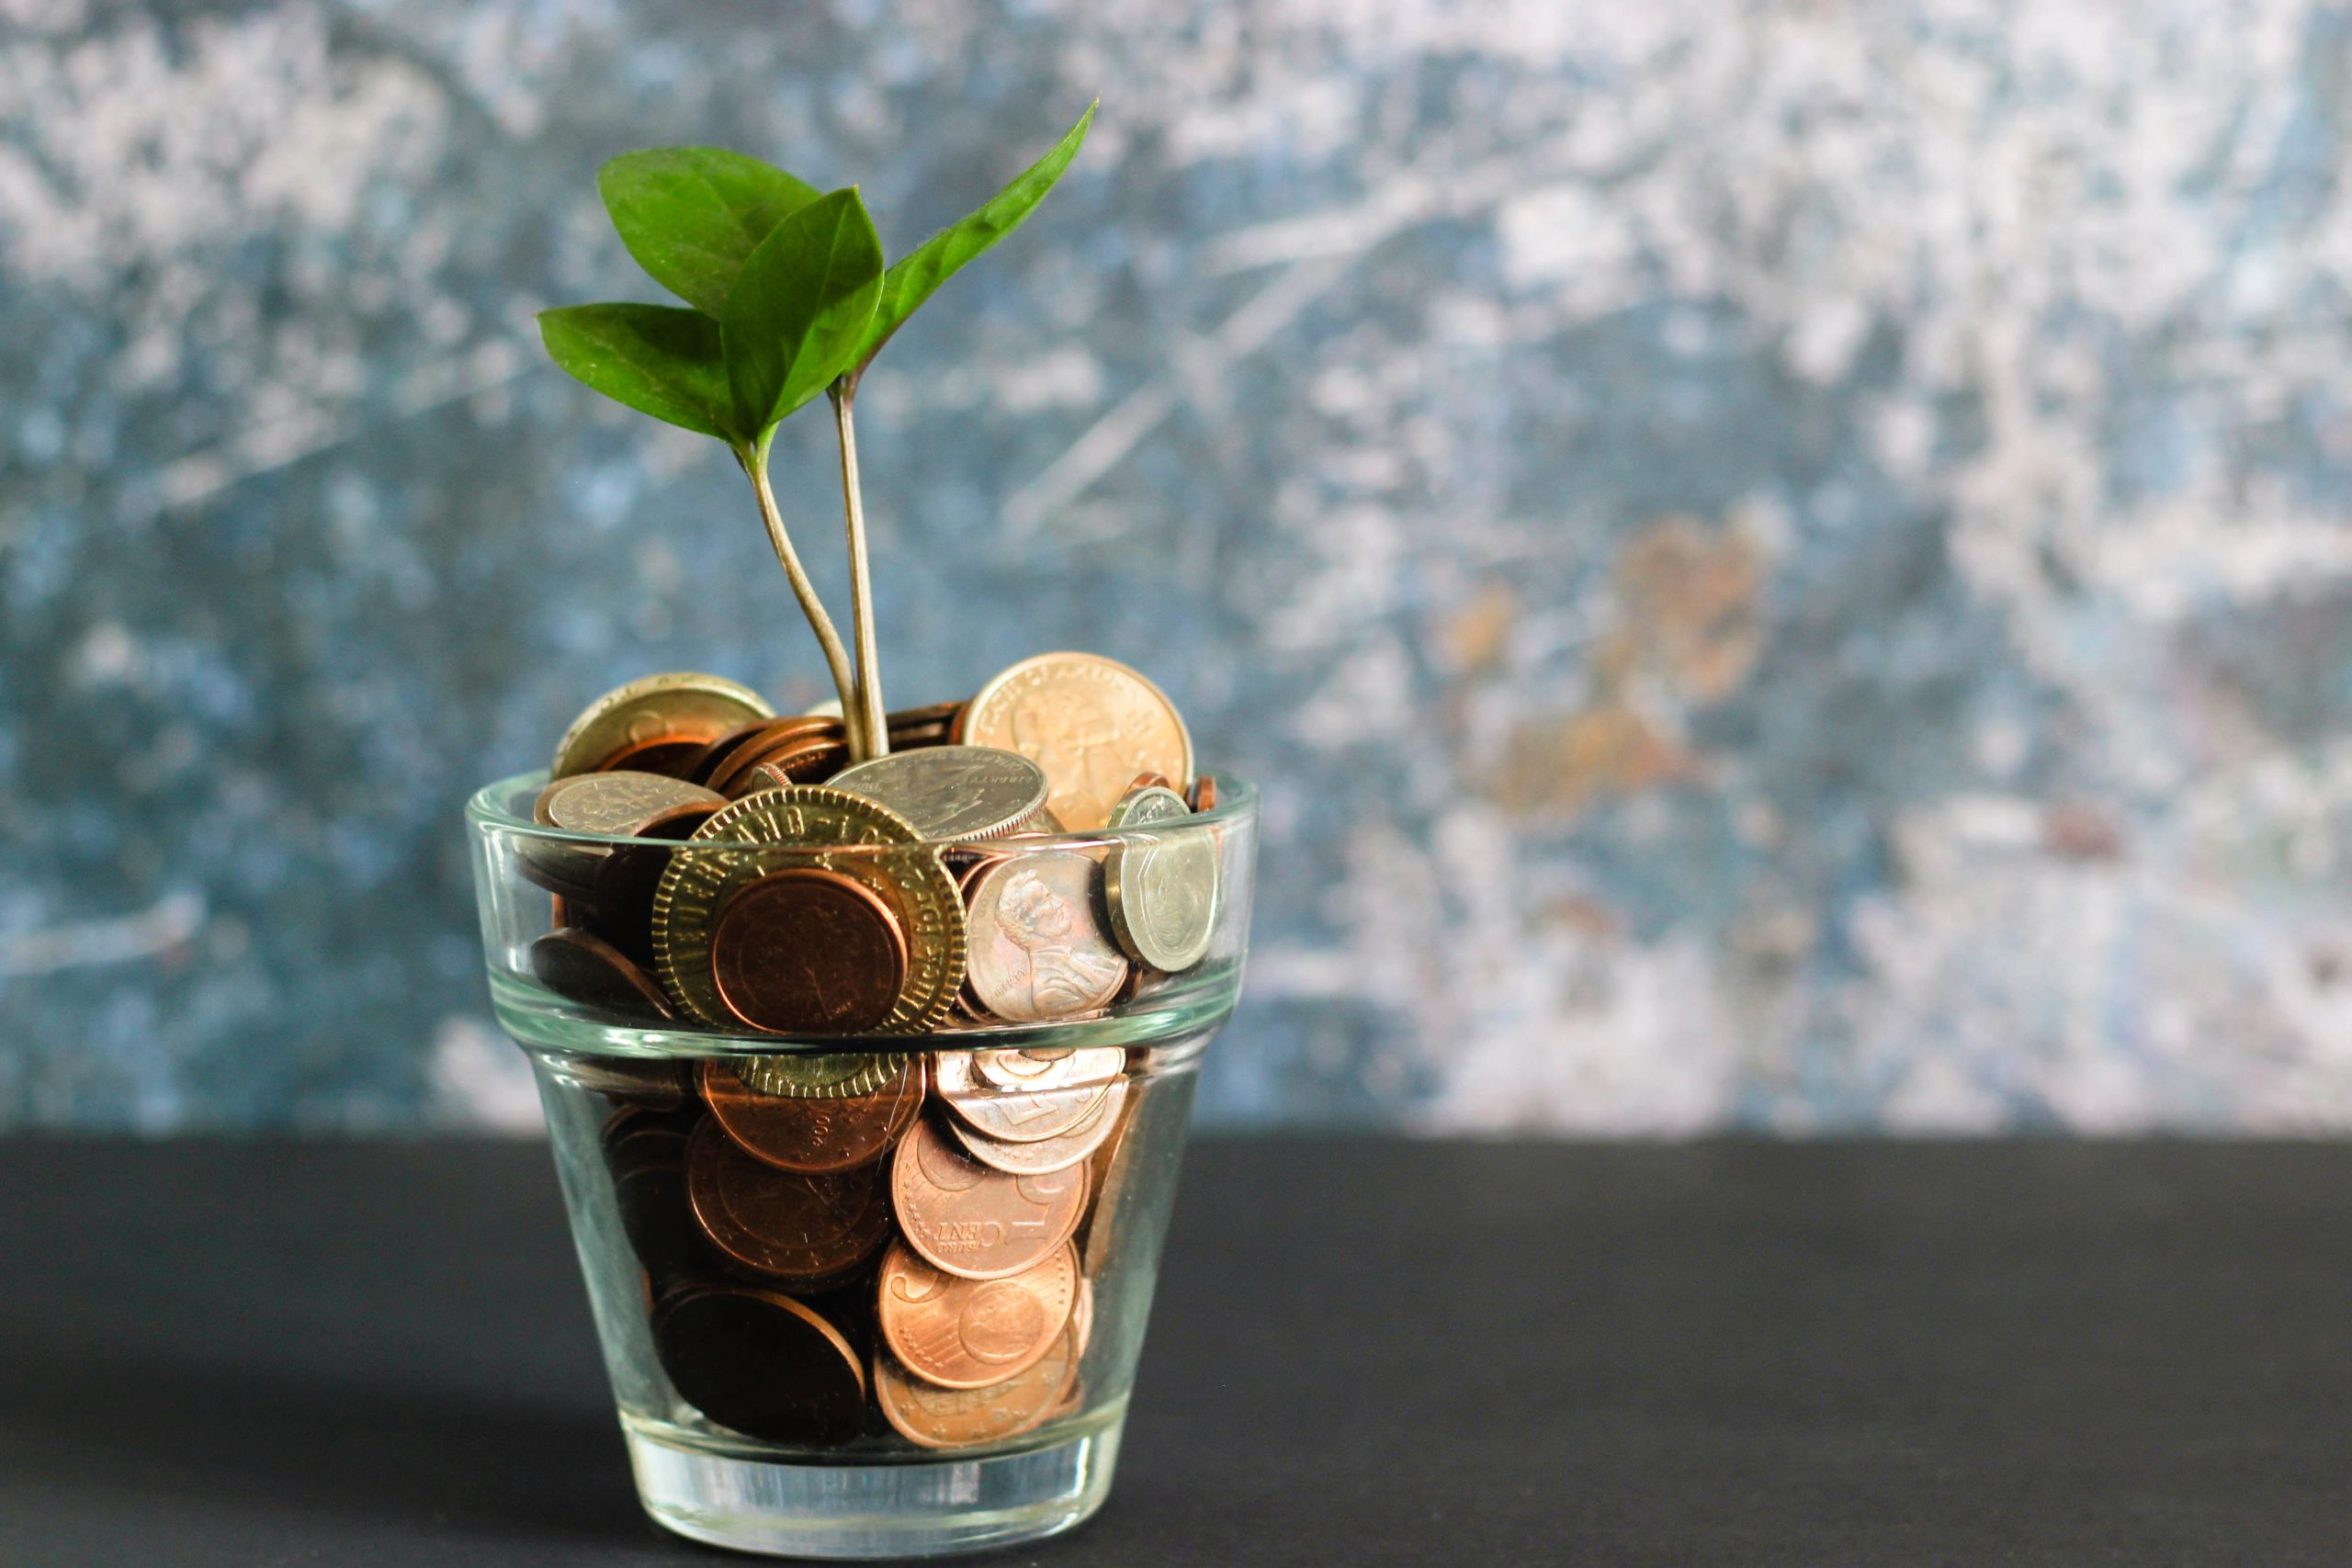 Foto von Micheile Henderson - green plant in clear glass vase